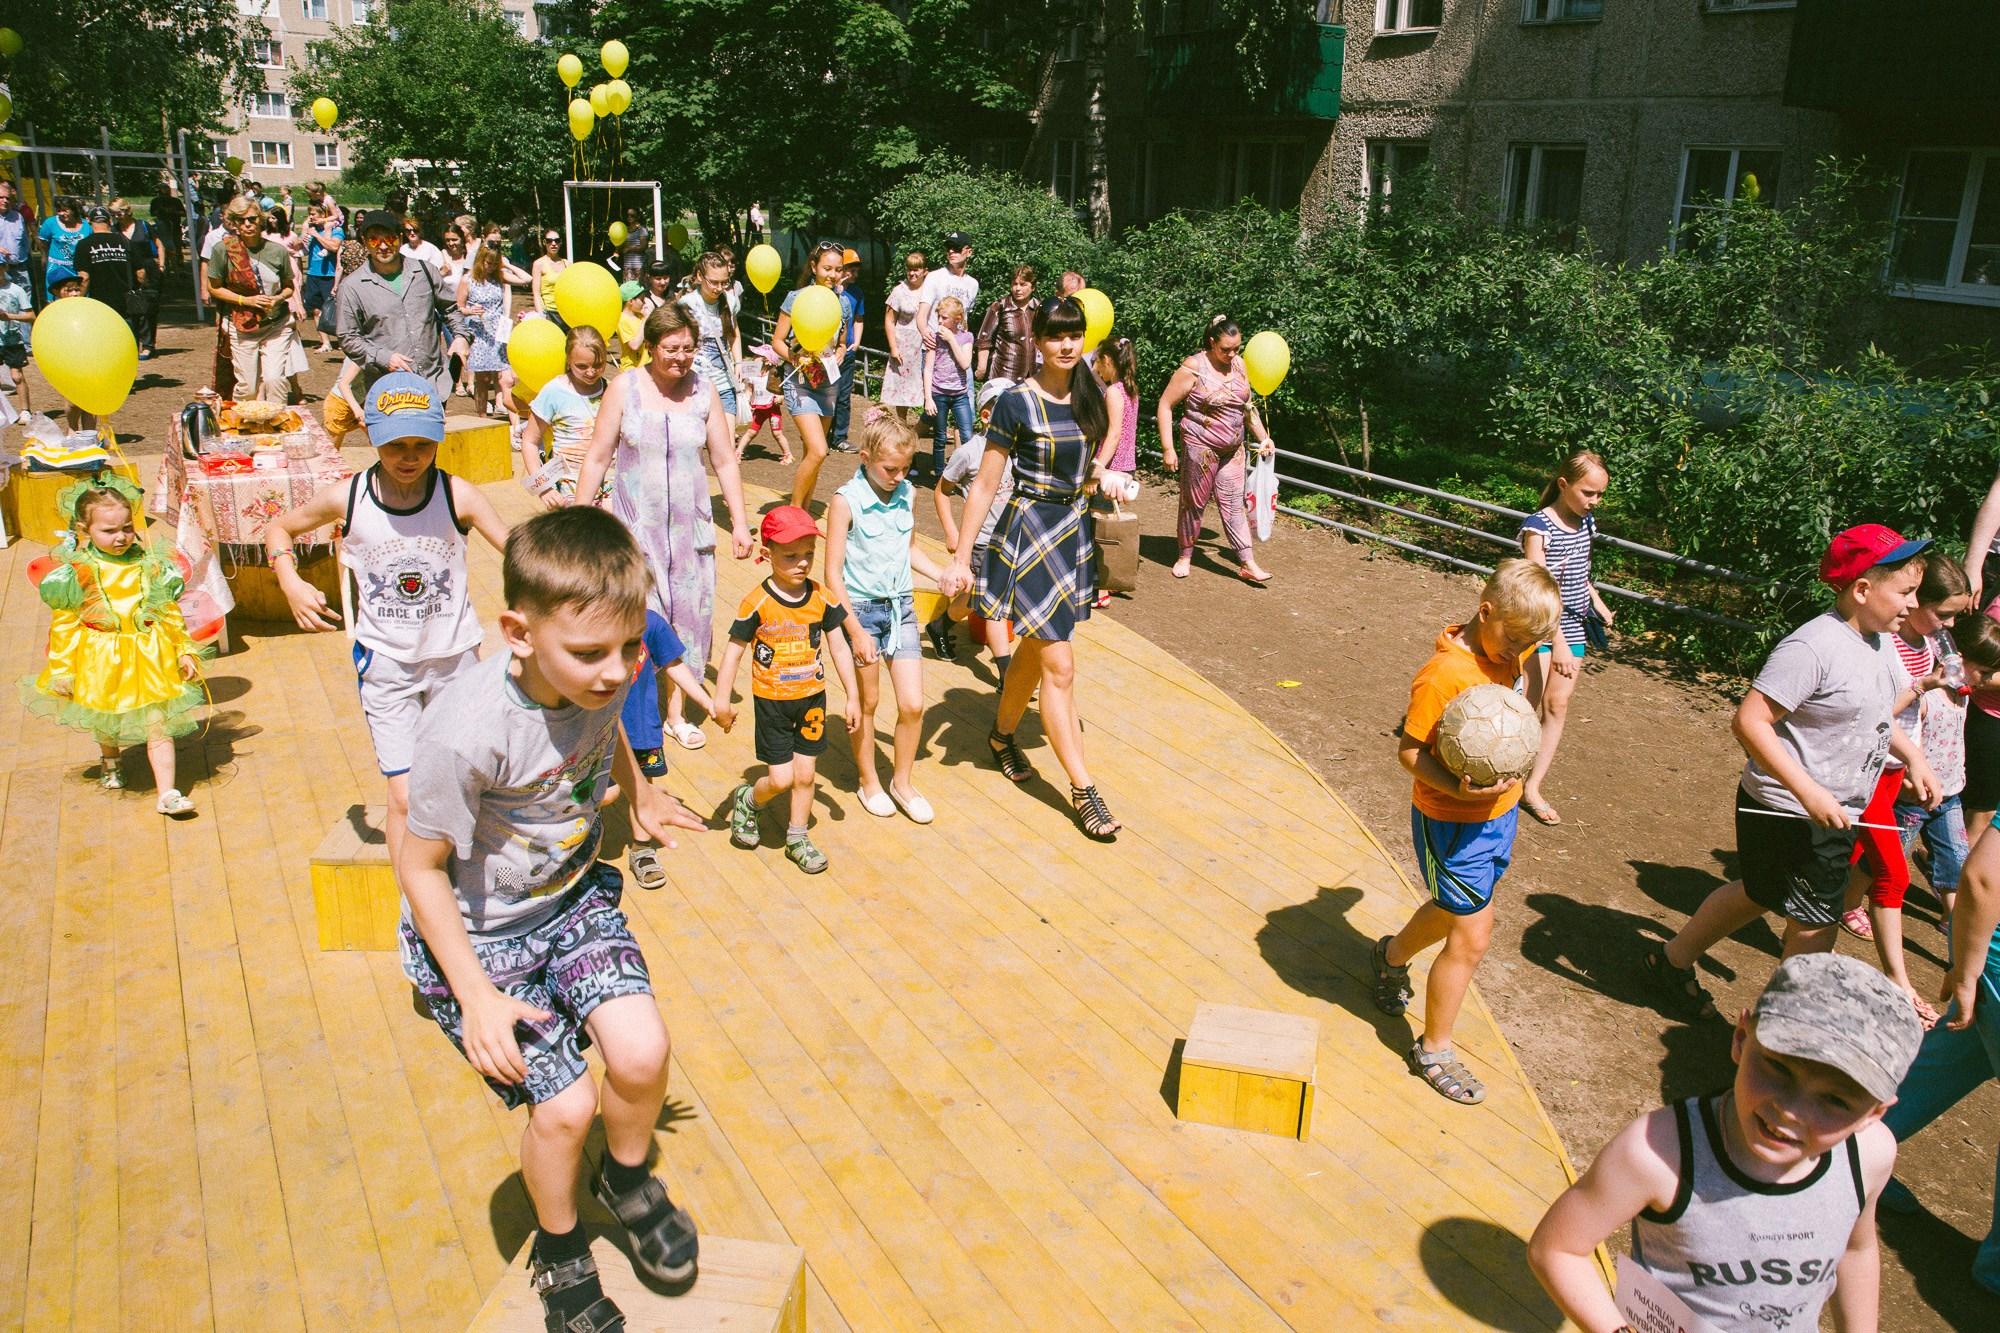 События  Мероприятия, которые можно организовать в Курске